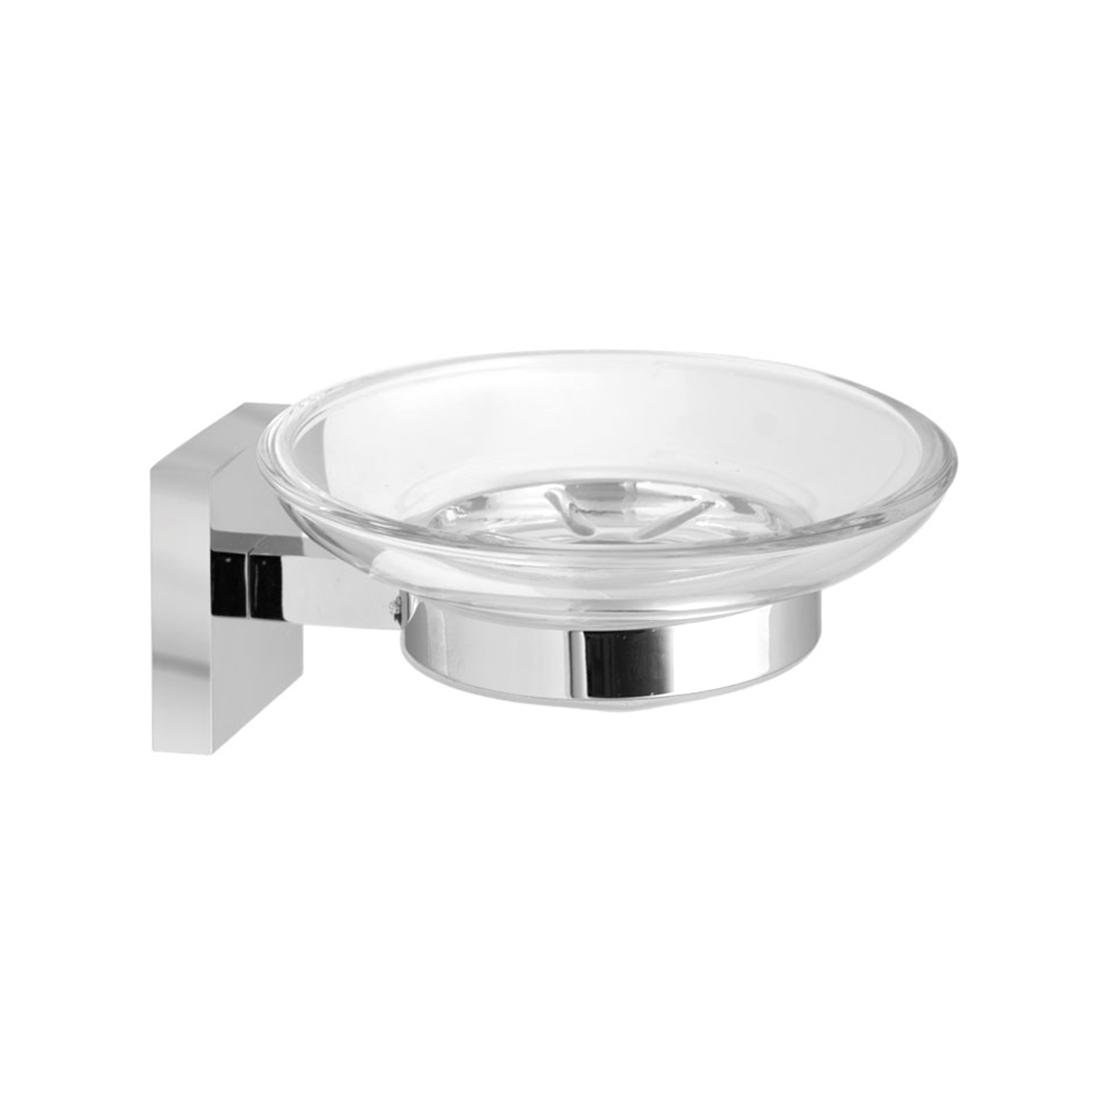 Kerovit KA990004 Square Range Soap Dish